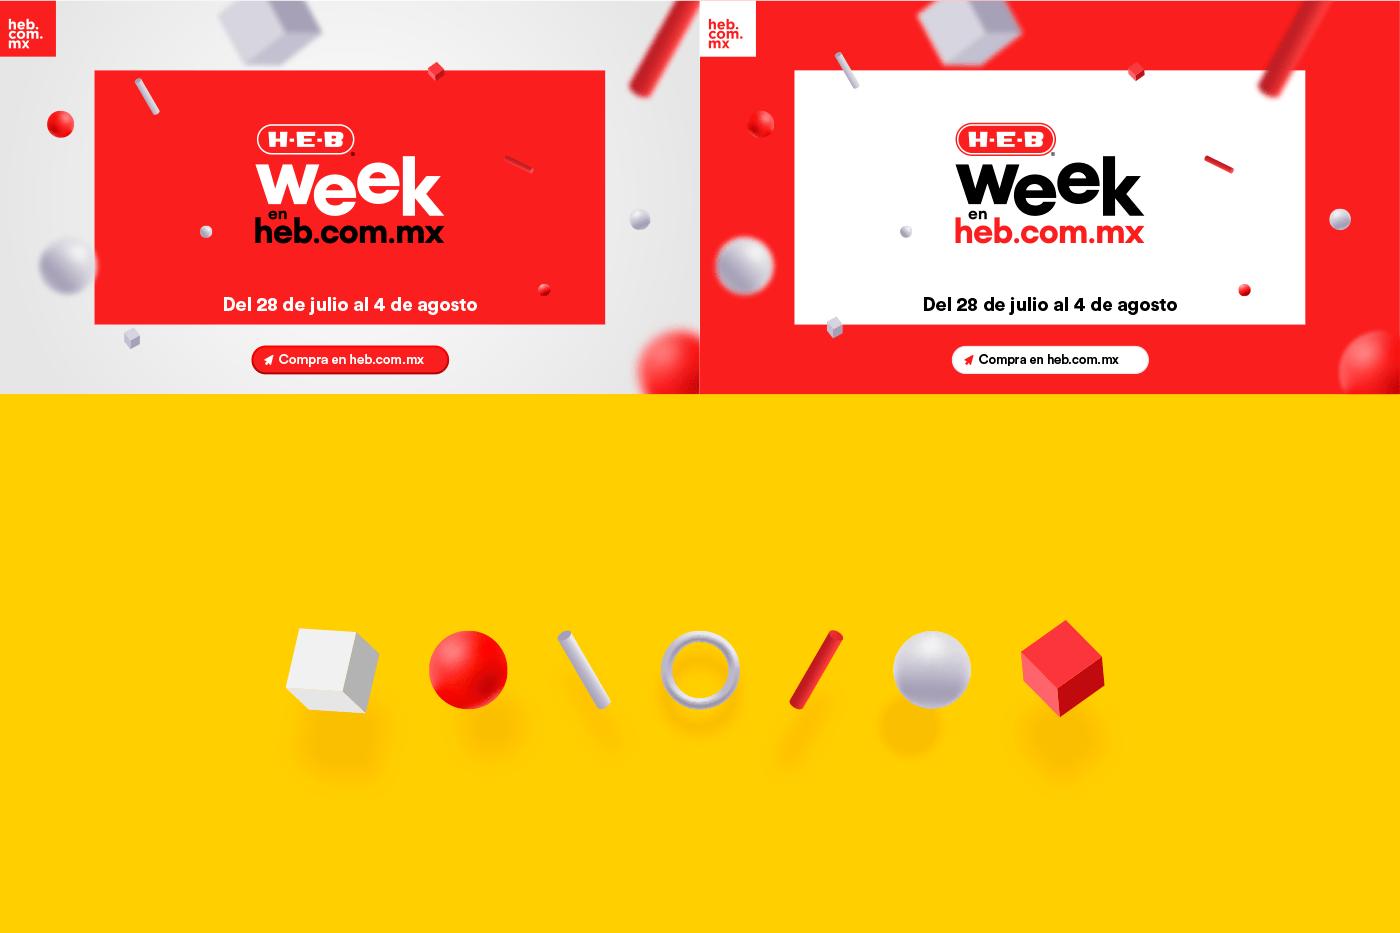 heb_week_nett_05